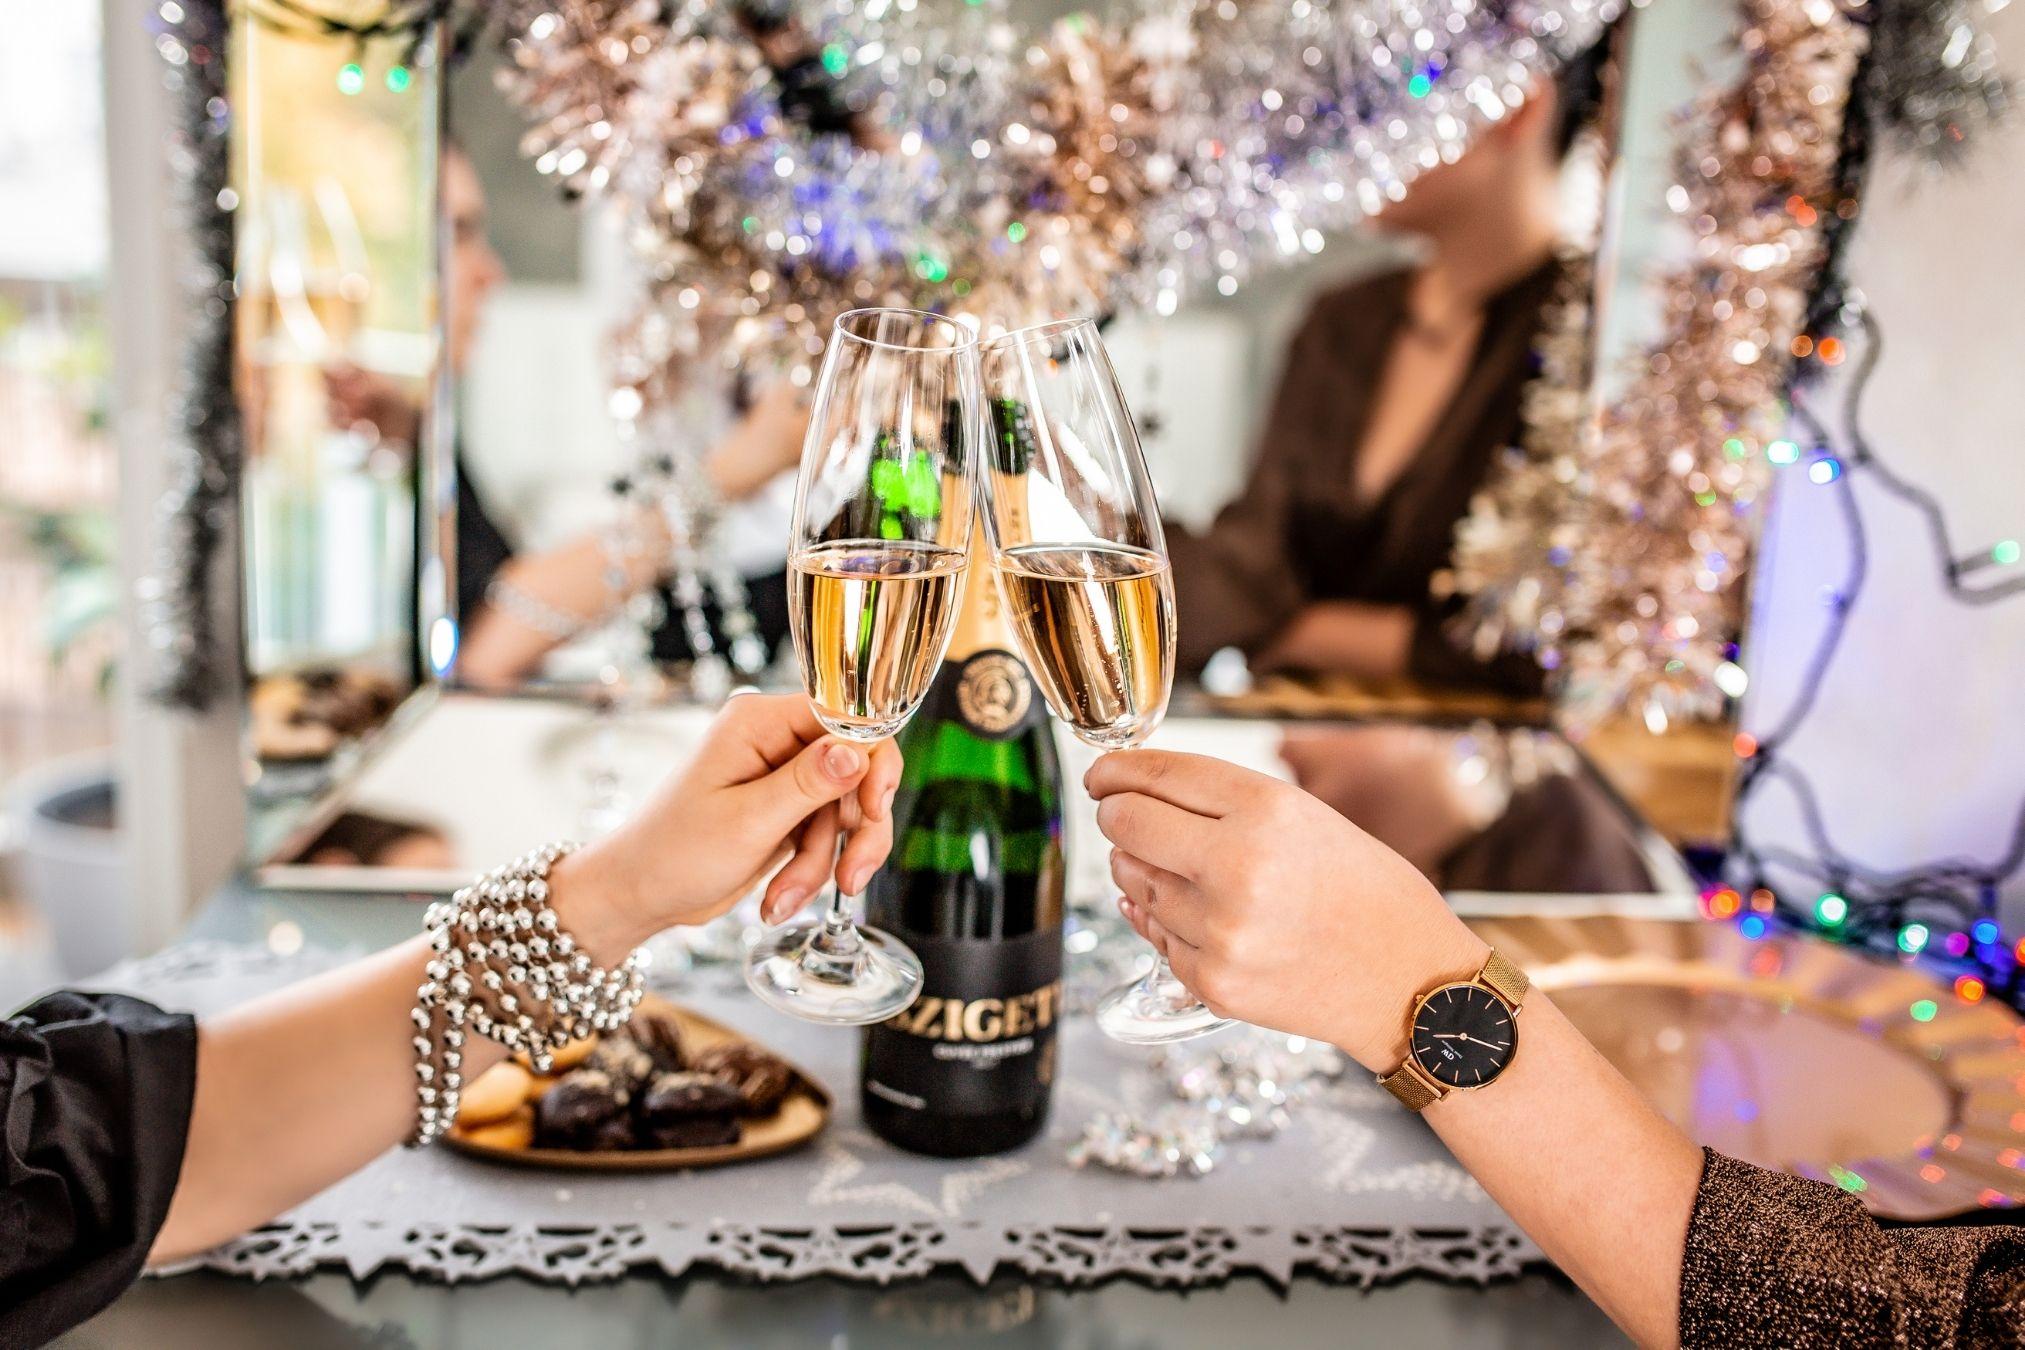 Rozdělění a výroba champagne, sektů a šumivých vín